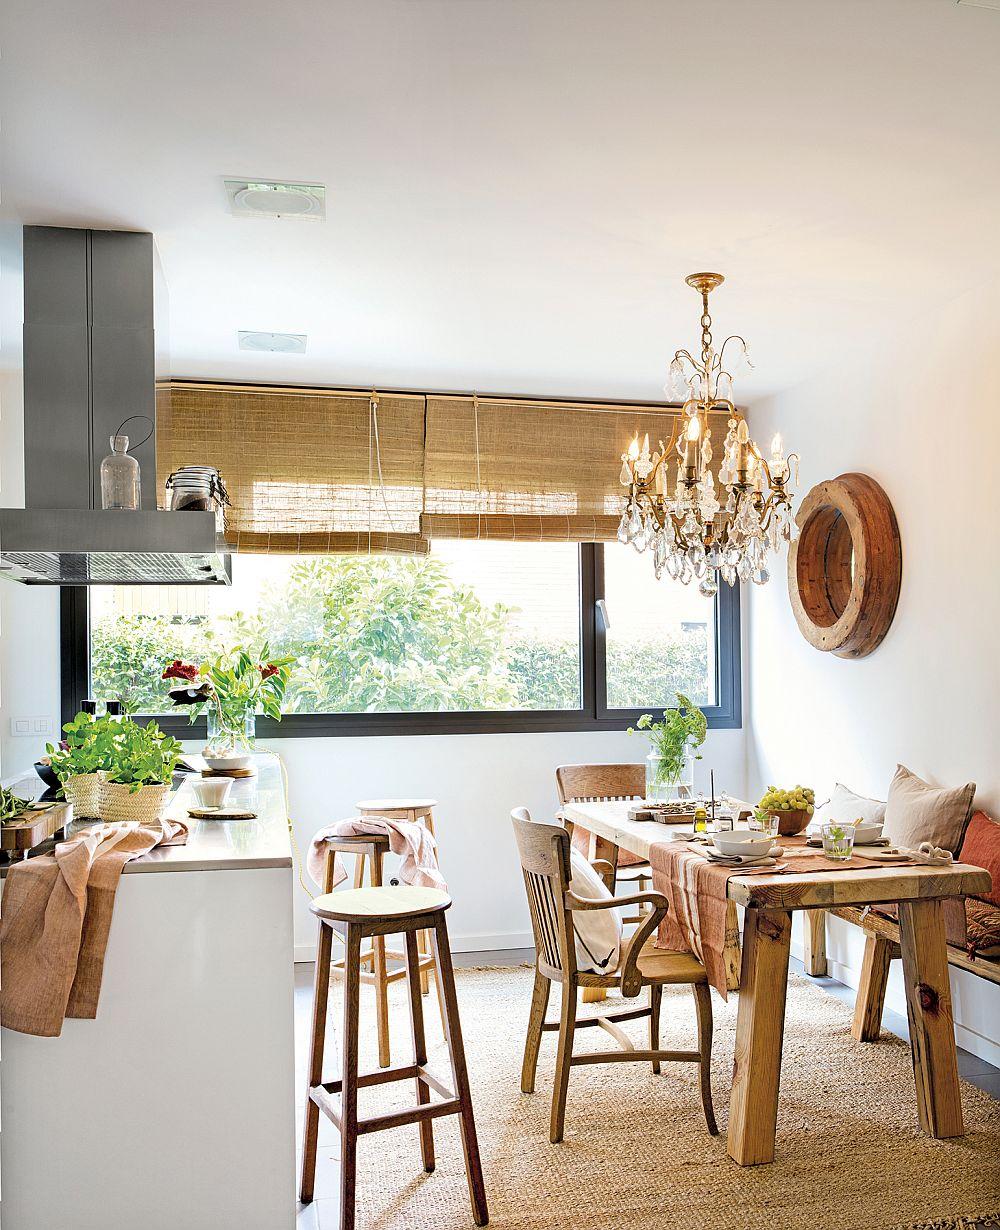 Locul de luat masa din bucătărie a fost mobilat cu piese rustice. De asemenea, pentru a induce o atmosferă mai prietenoasă, au mixat pe decorațiuni textile. Un covor din iută, precum și storurile din împletituri, alături de perne colorate aduc tușe confortabile în spațiul tehnic al bucătăriei. Desigur, un corp de iluminat cu aspect vintage completează atmosfera.